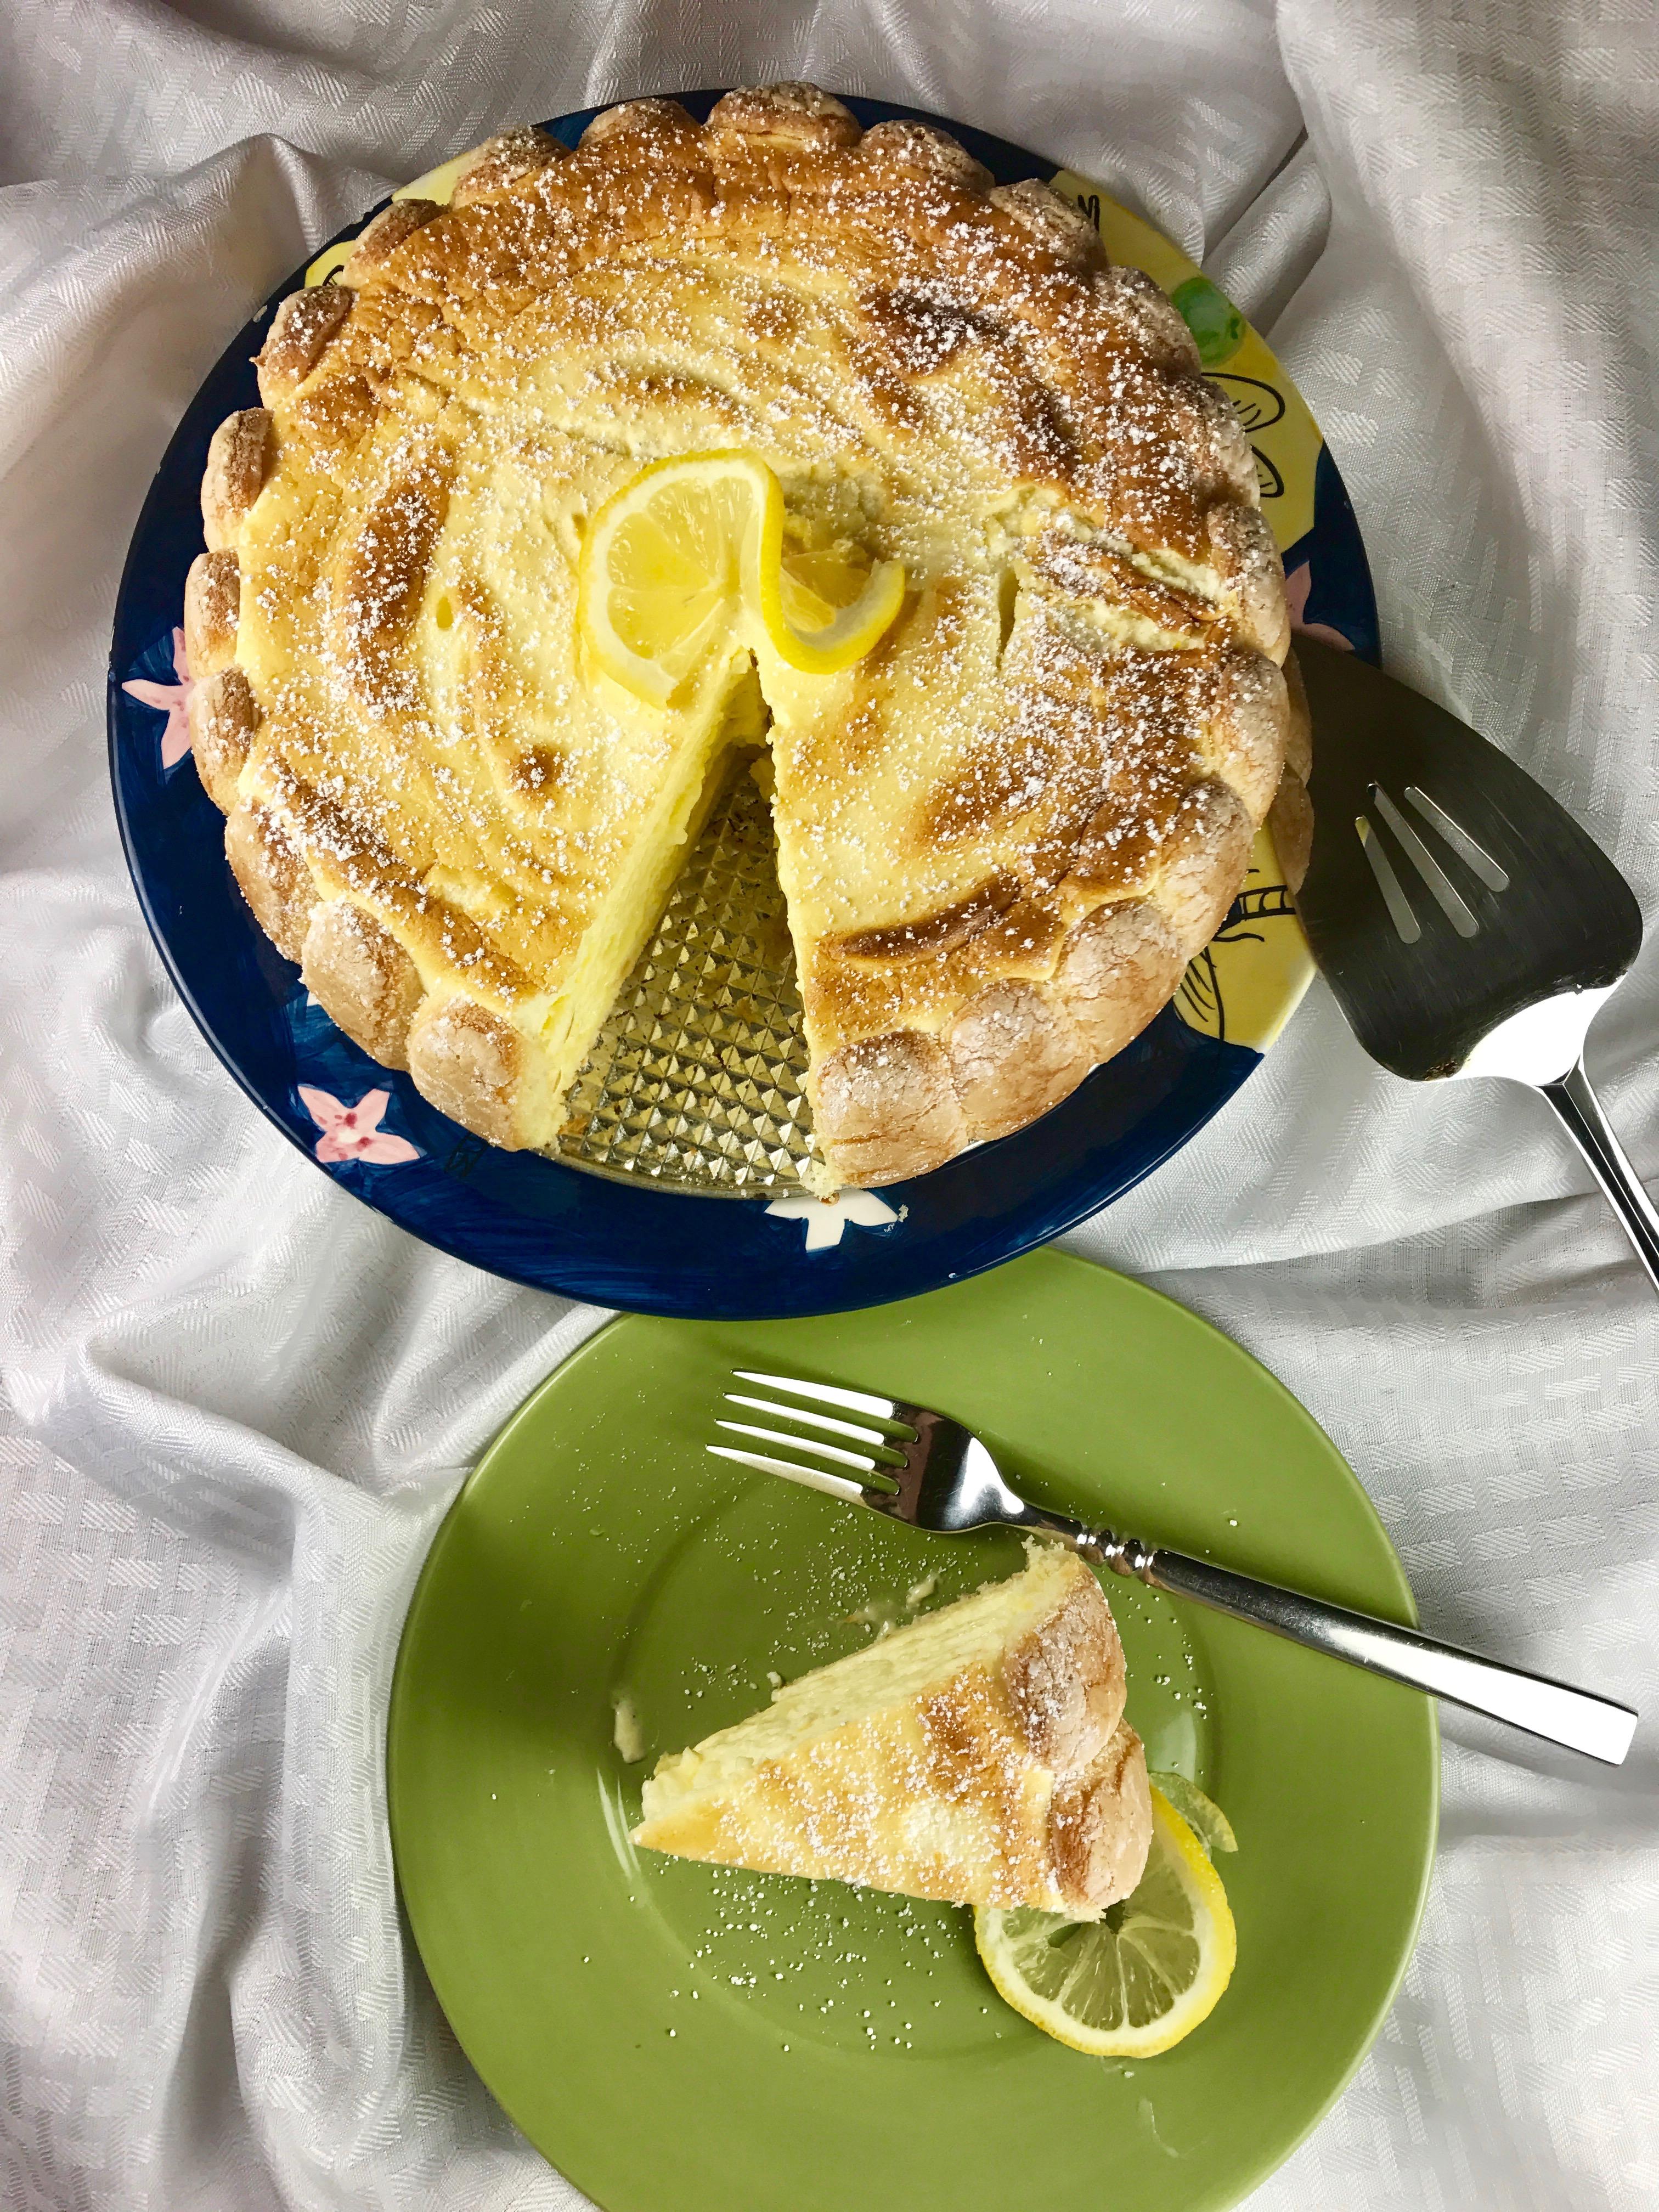 Ladyfinger Lemon souffle